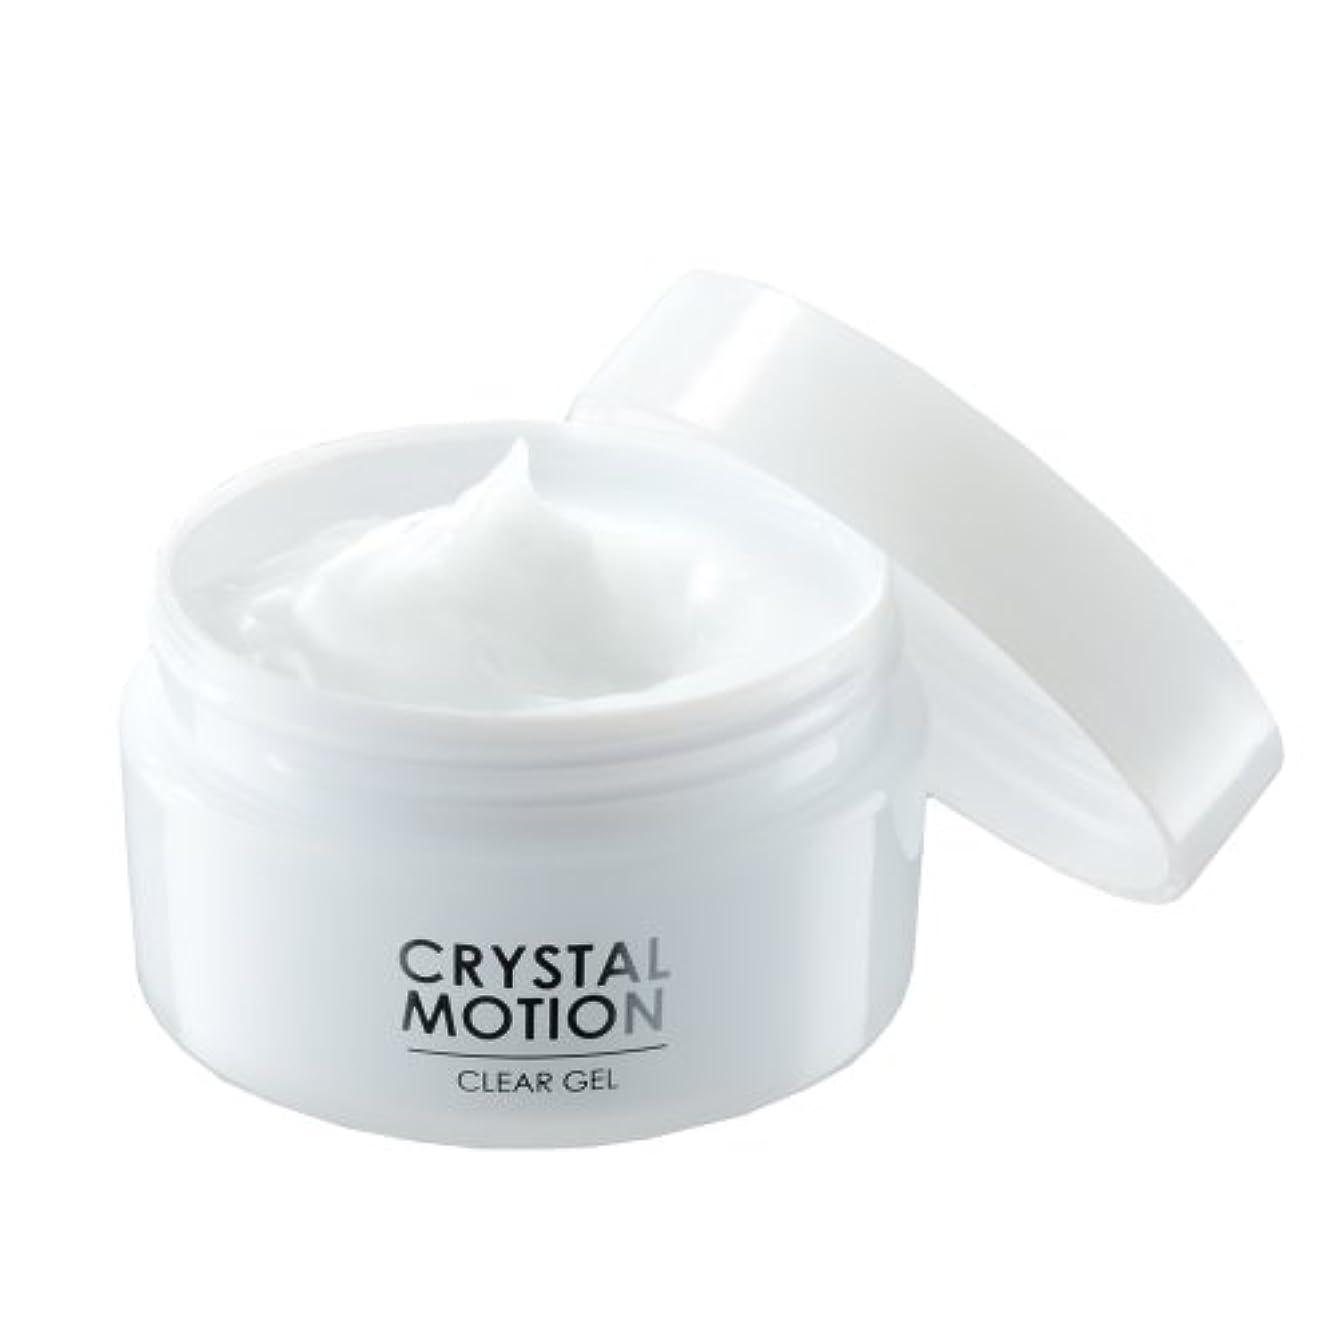 高めるにじみ出る願望クリスタルモーション CRYSTAL MOTION 薬用ニキビケアジェル 保湿 乾燥 美白 美肌 ニキビ 予防 1ヶ月分 60g